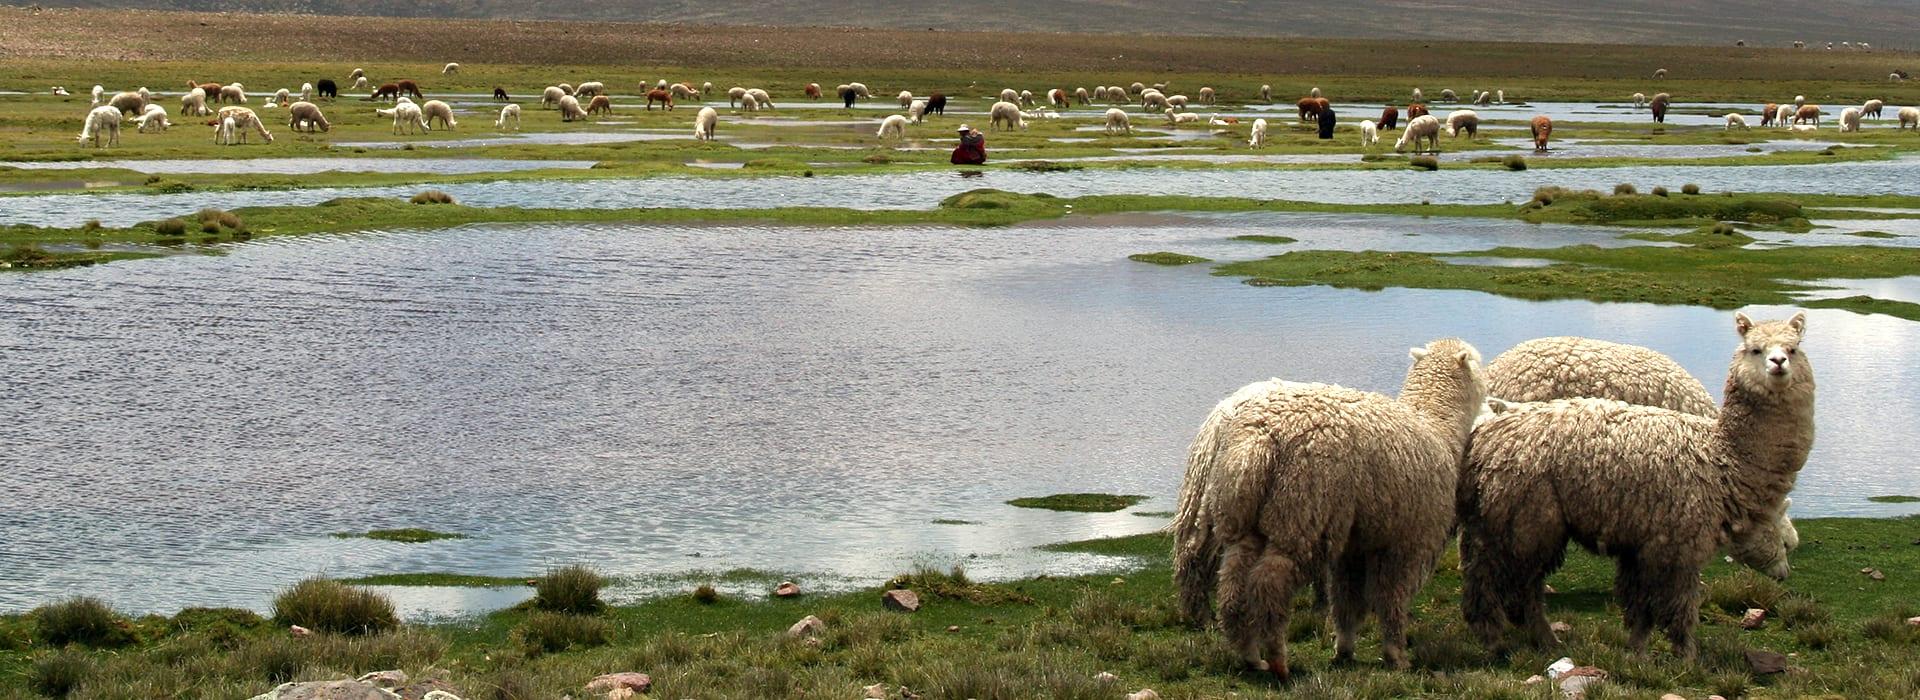 Pilotreis van de motorreis in Peru vertrek 08-04-2020 van Travel 2 Explore Motorreizen